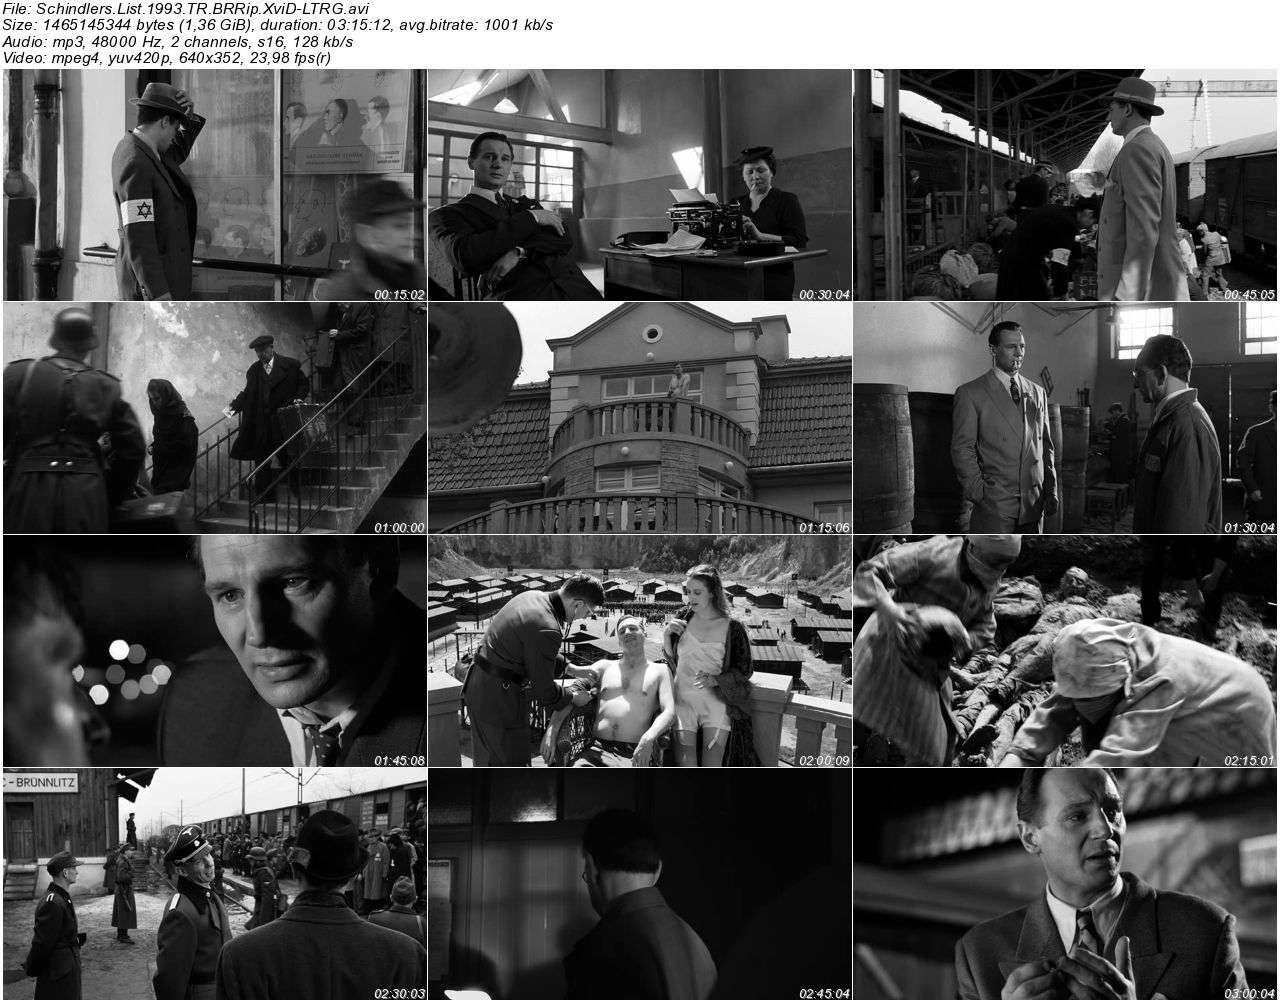 Schindlerin Listesi - 1993 BRRip XviD - Türkçe Dublaj Tek Link indir